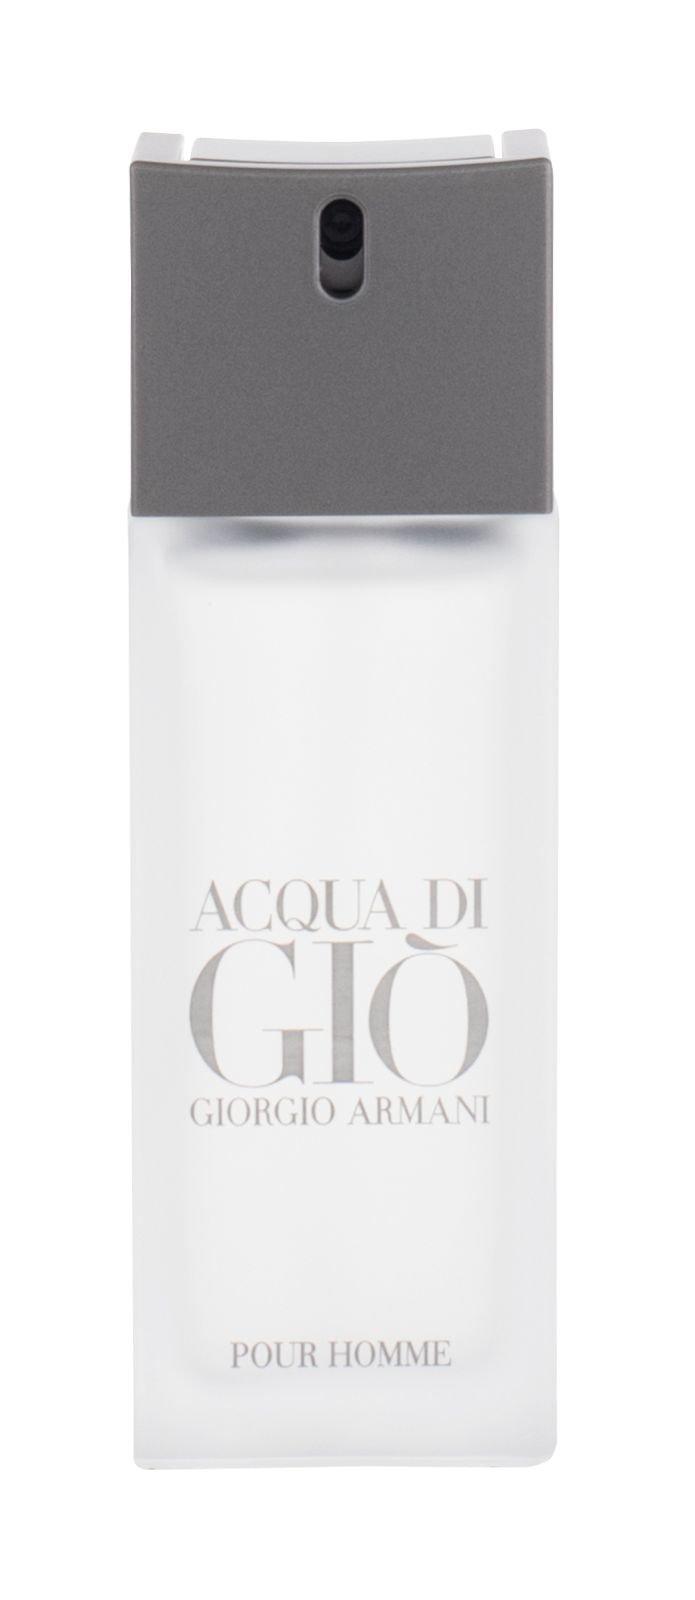 Giorgio Armani Acqua di Gio EDT 20ml